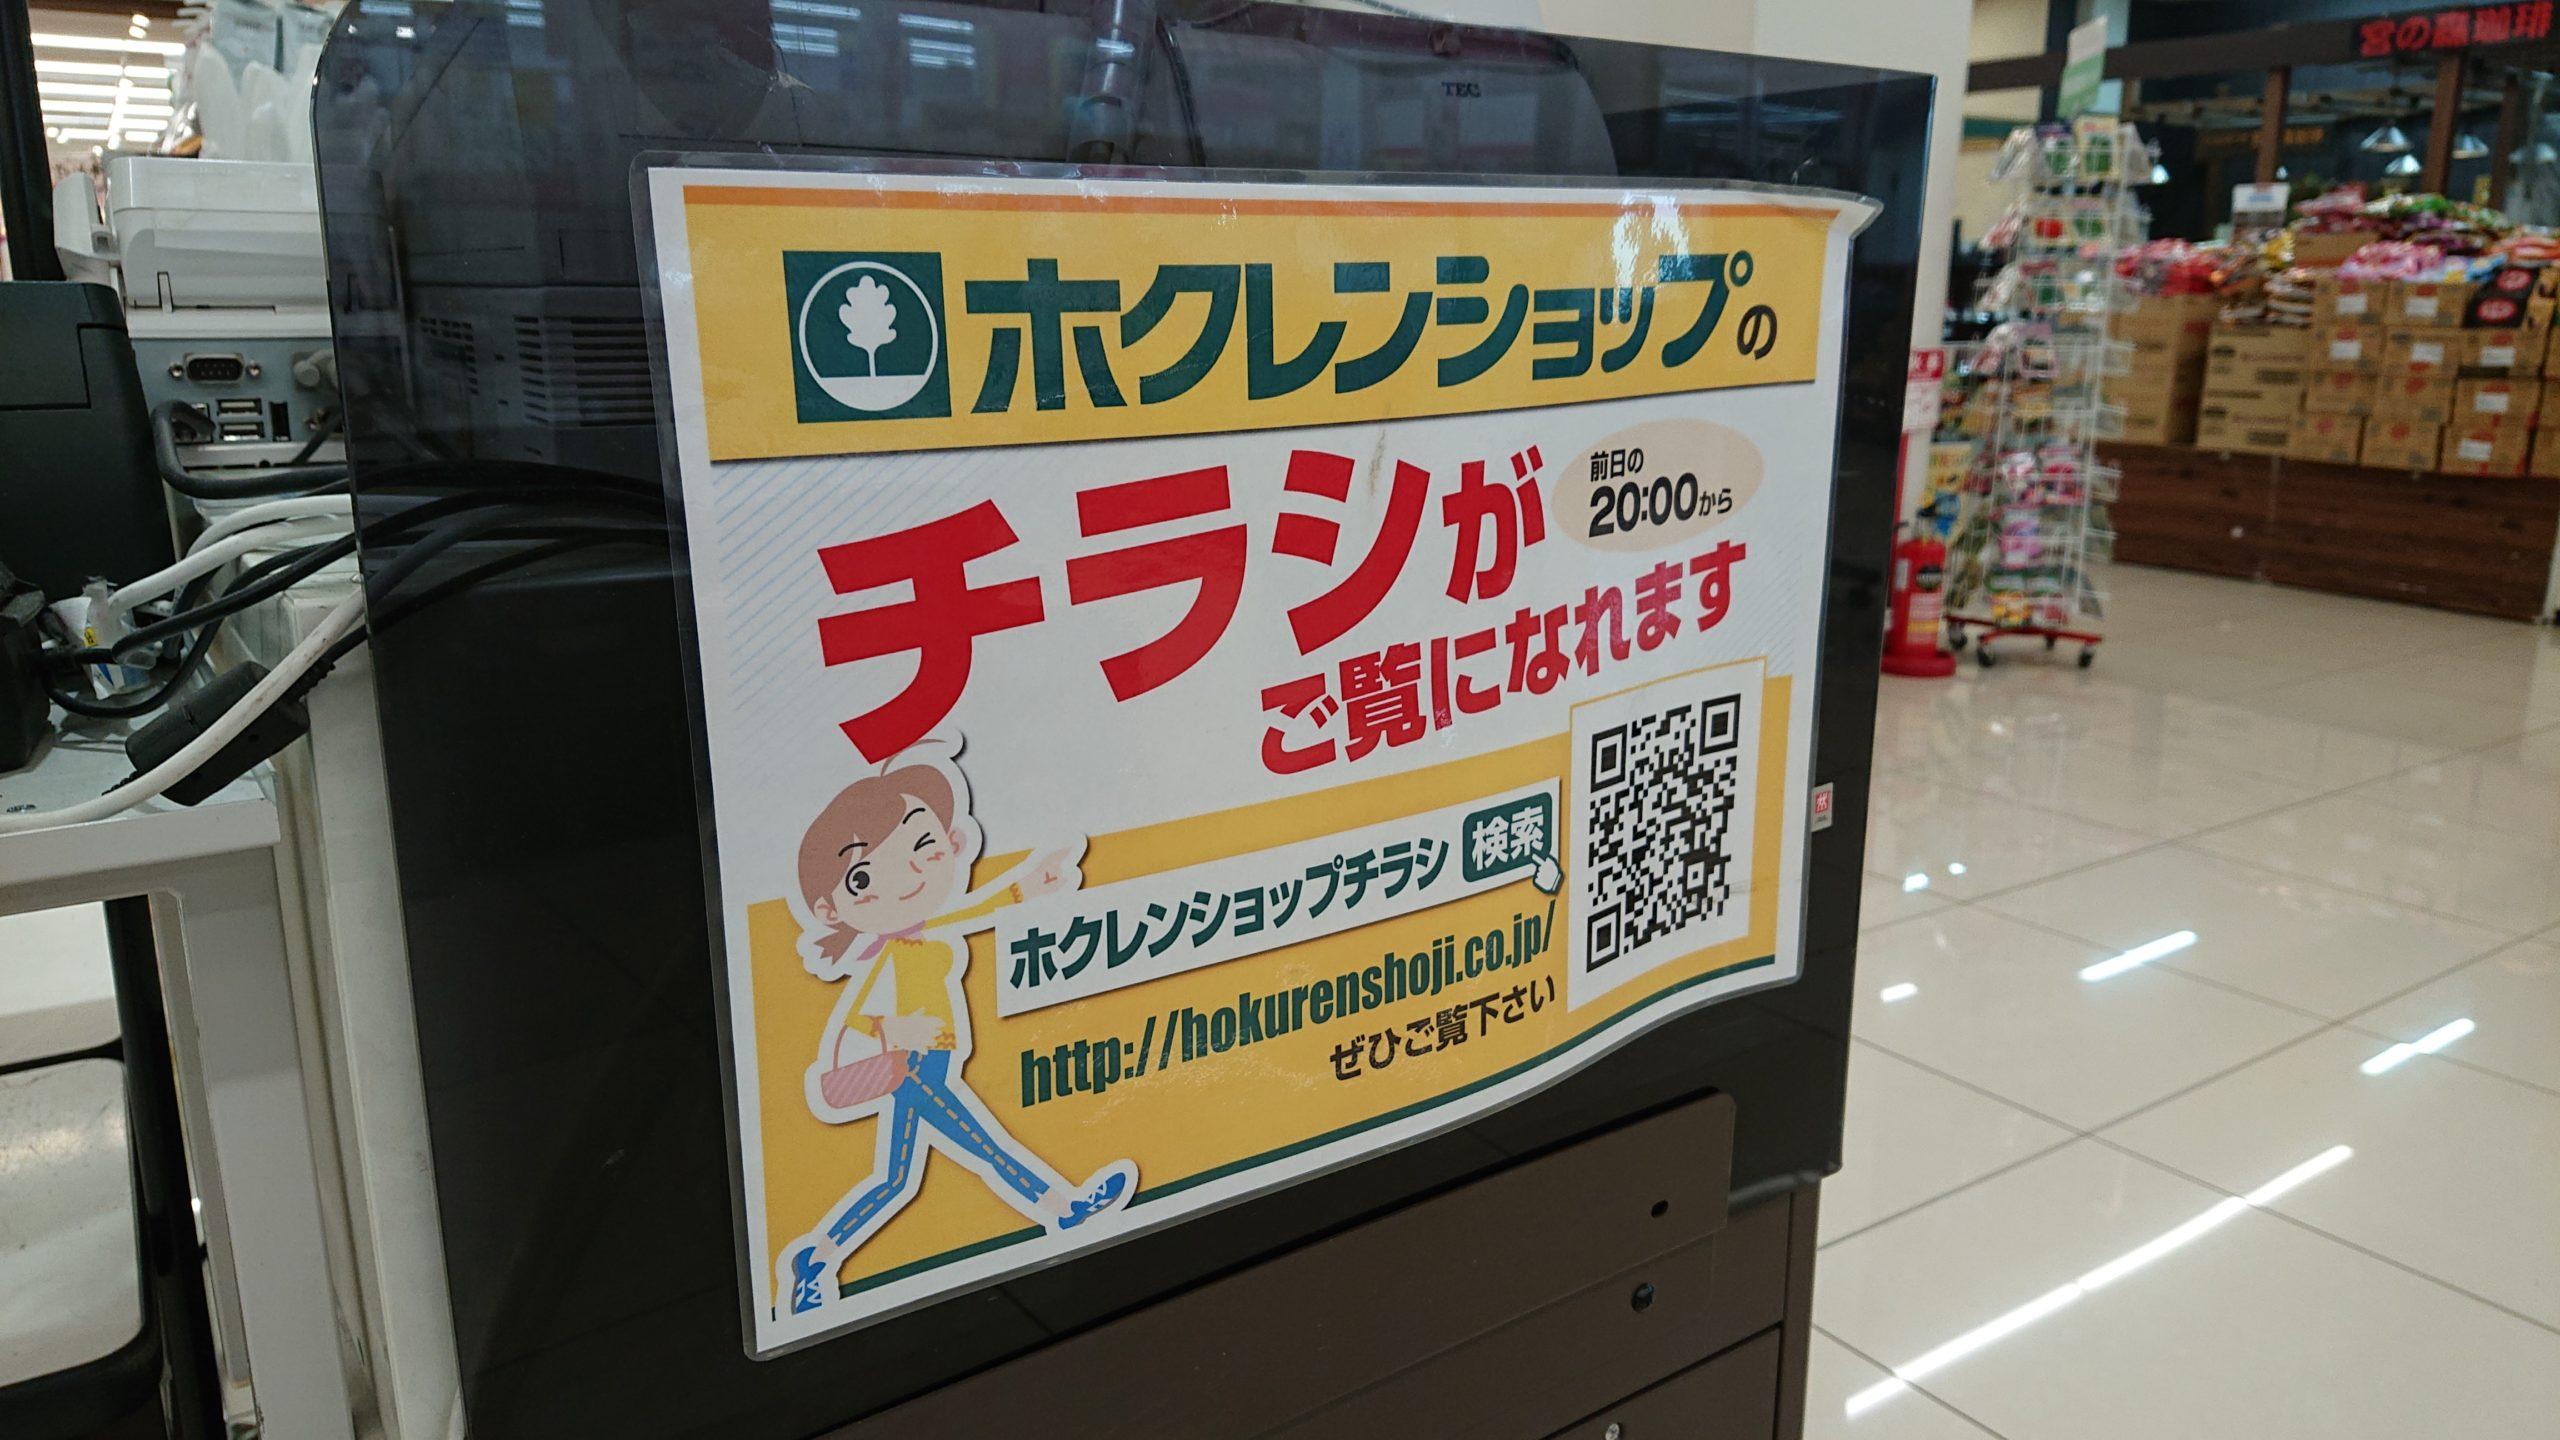 北海道内にあるスーパーマーケットのネットチラシ一覧